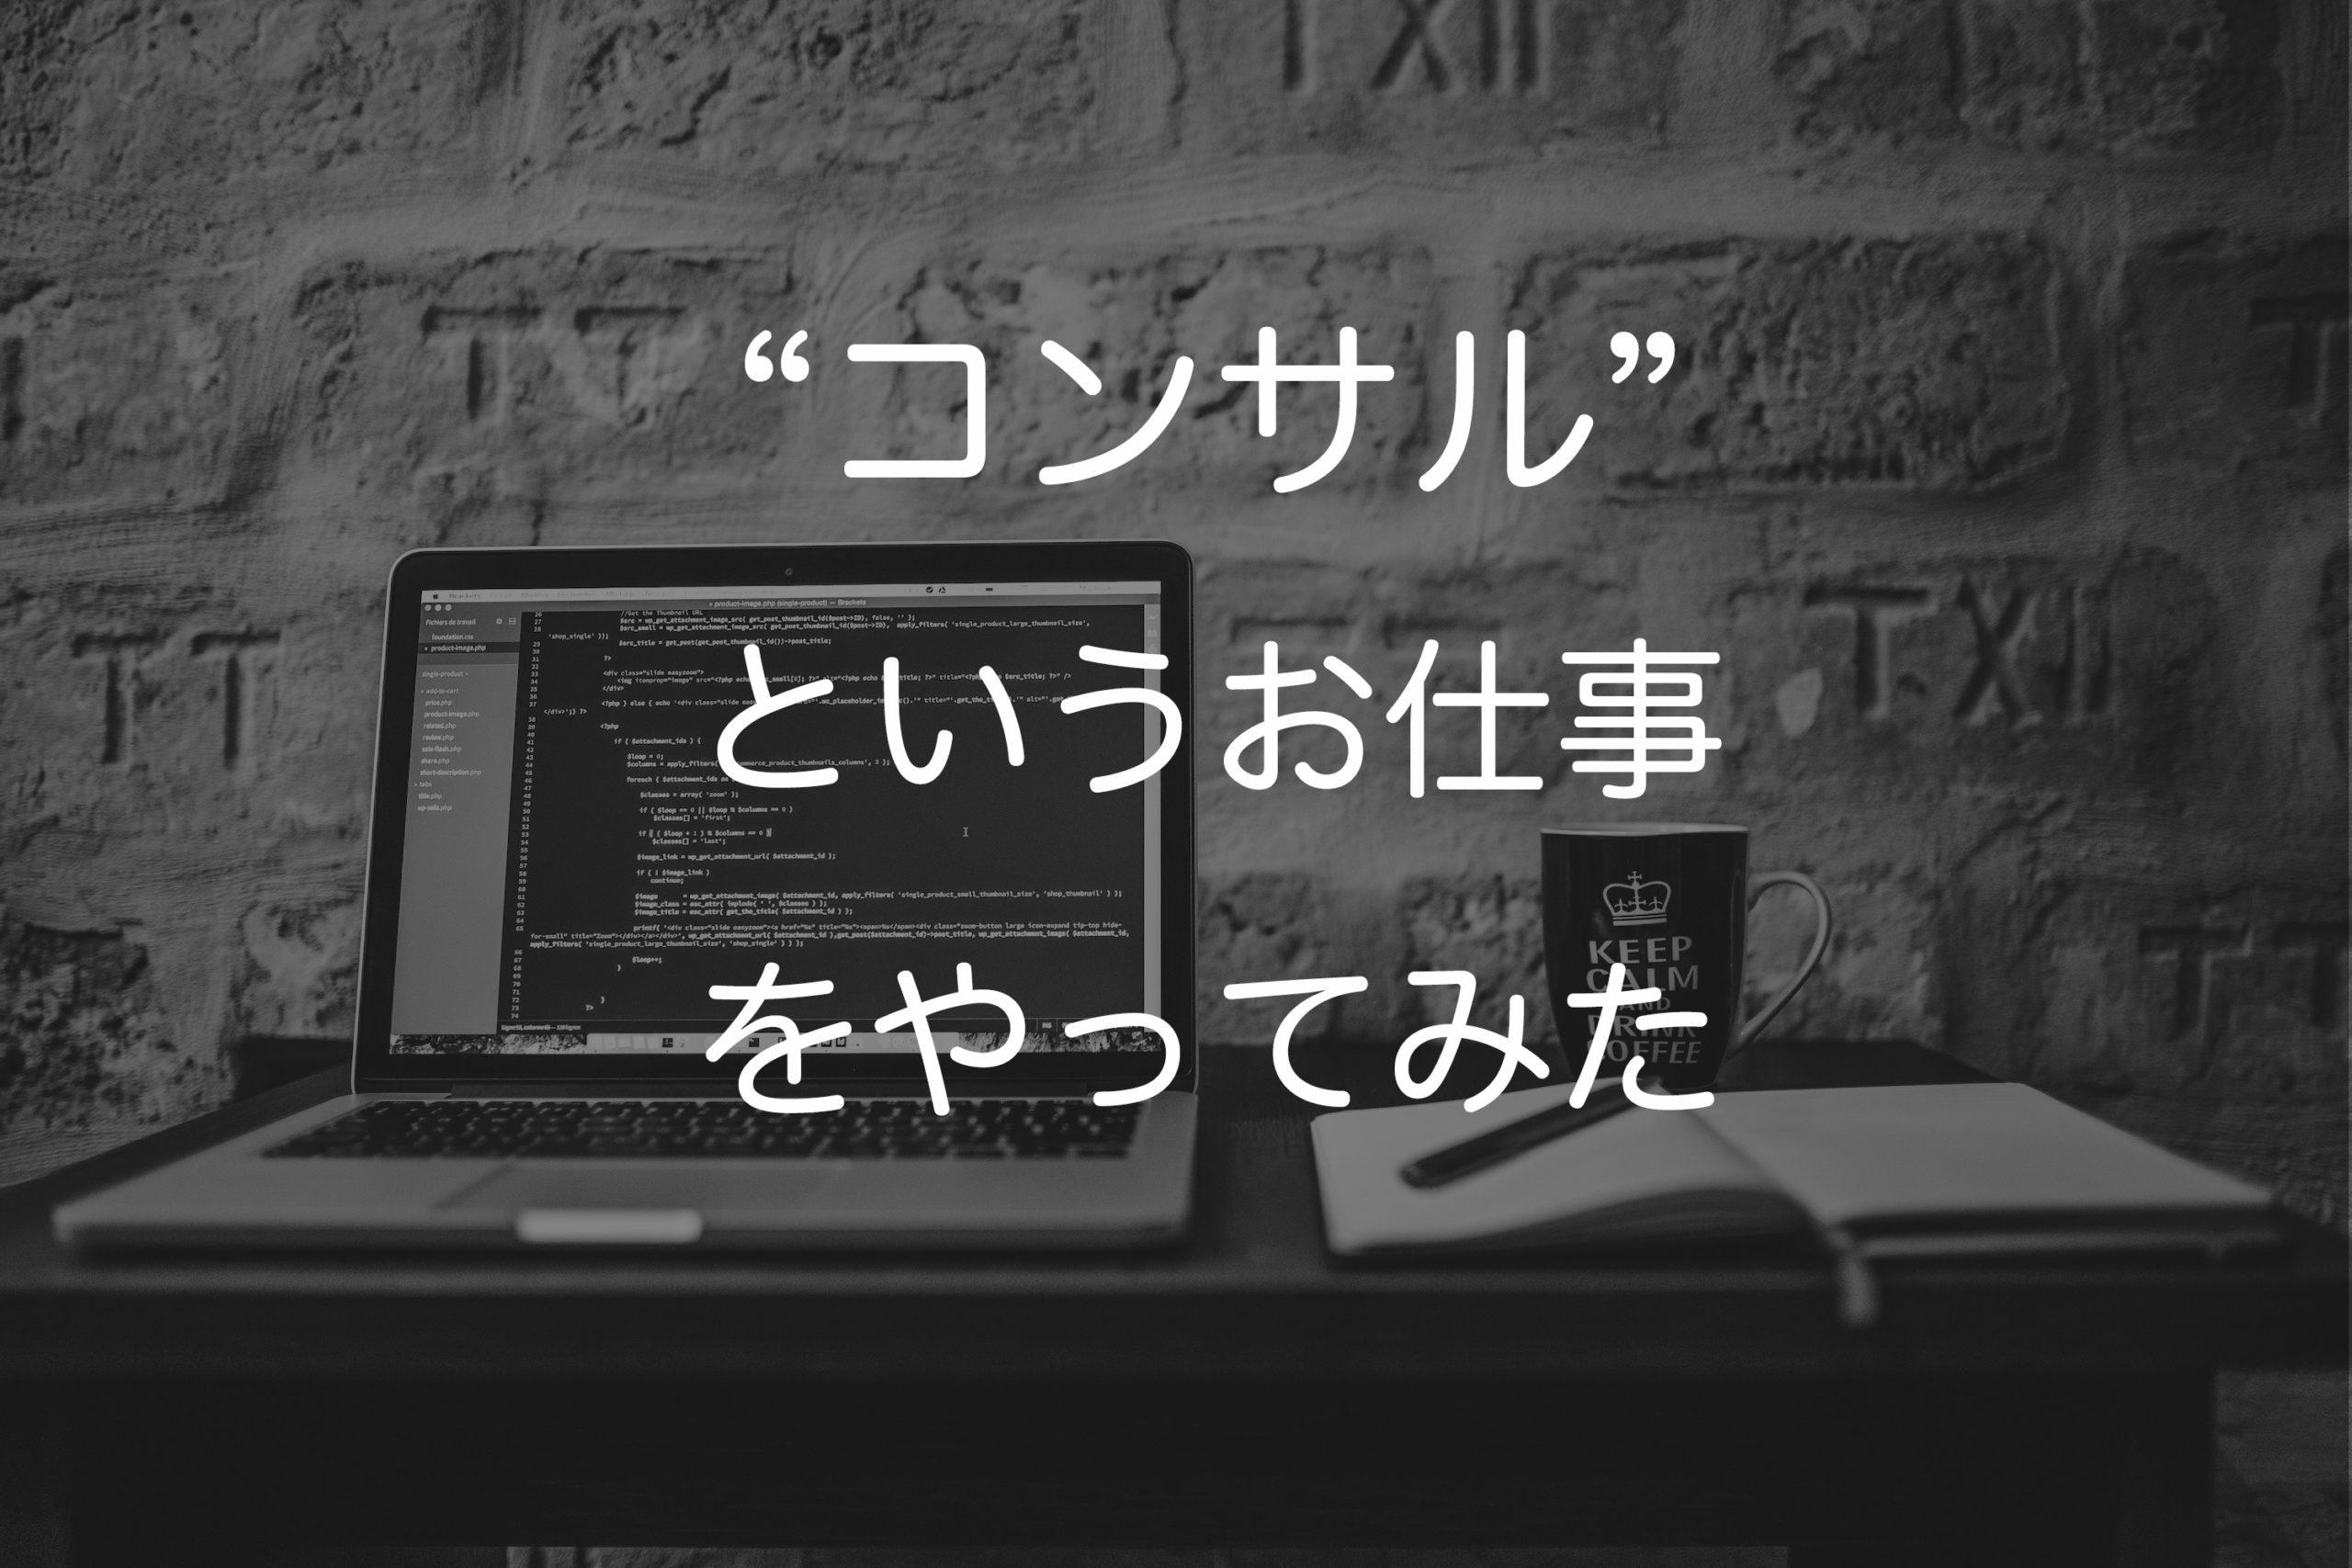 【仕事紹介】コンサルはブラック?資料作成ではなく思考プロセスに理由アリ!